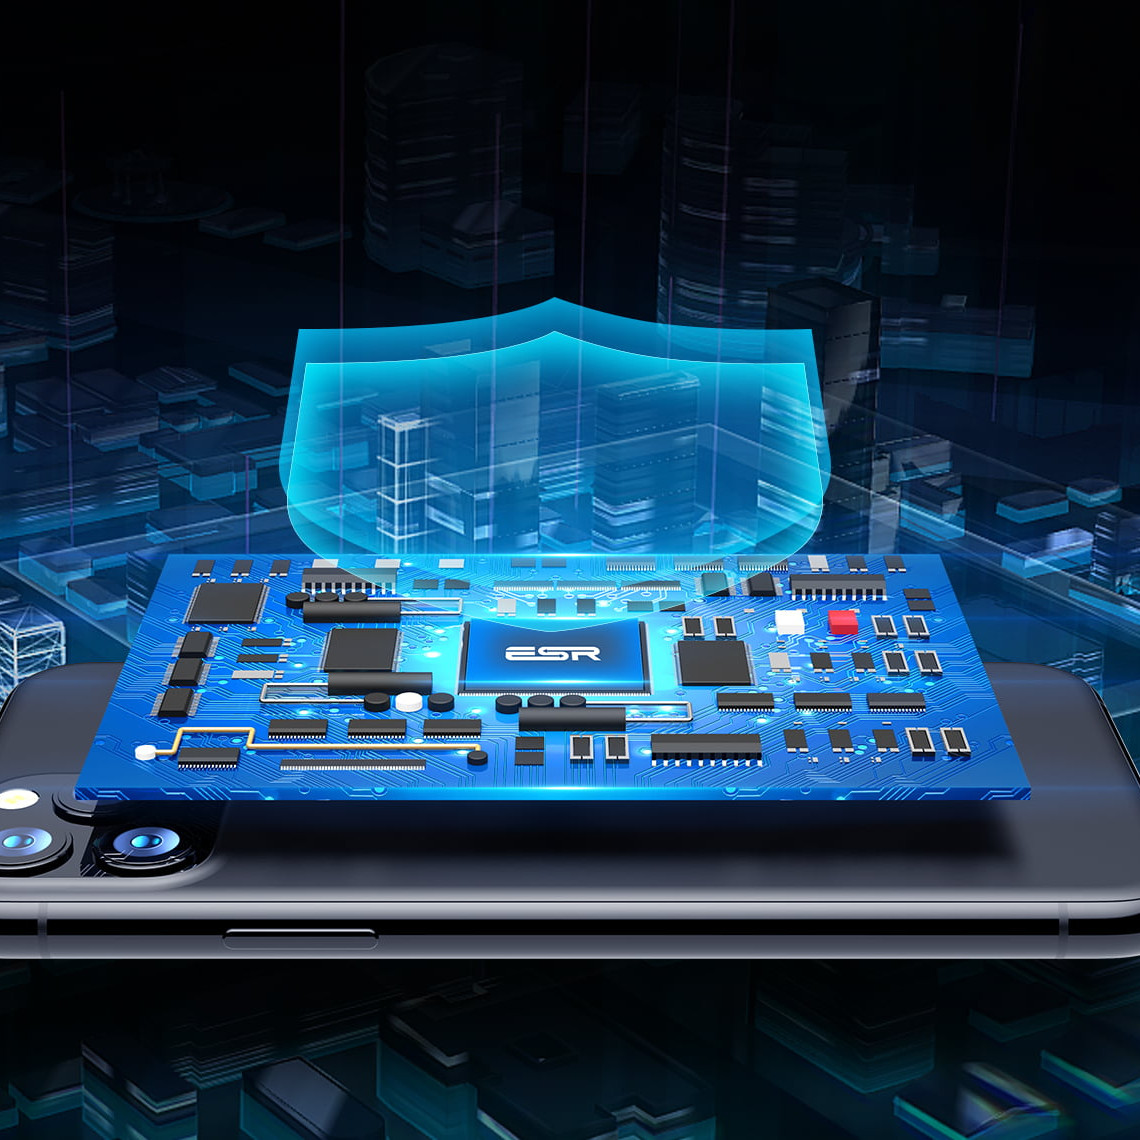 Quạt Tản Nhiệt Làm Mát Di Động Cao Cấp ESR Mobile Phone Cooling Fan cho Smartphone / iPhone / Samsung / Xiaomi / Sony / Oppo / Huawei / OnePlus - Hàng Nhập Khẩu